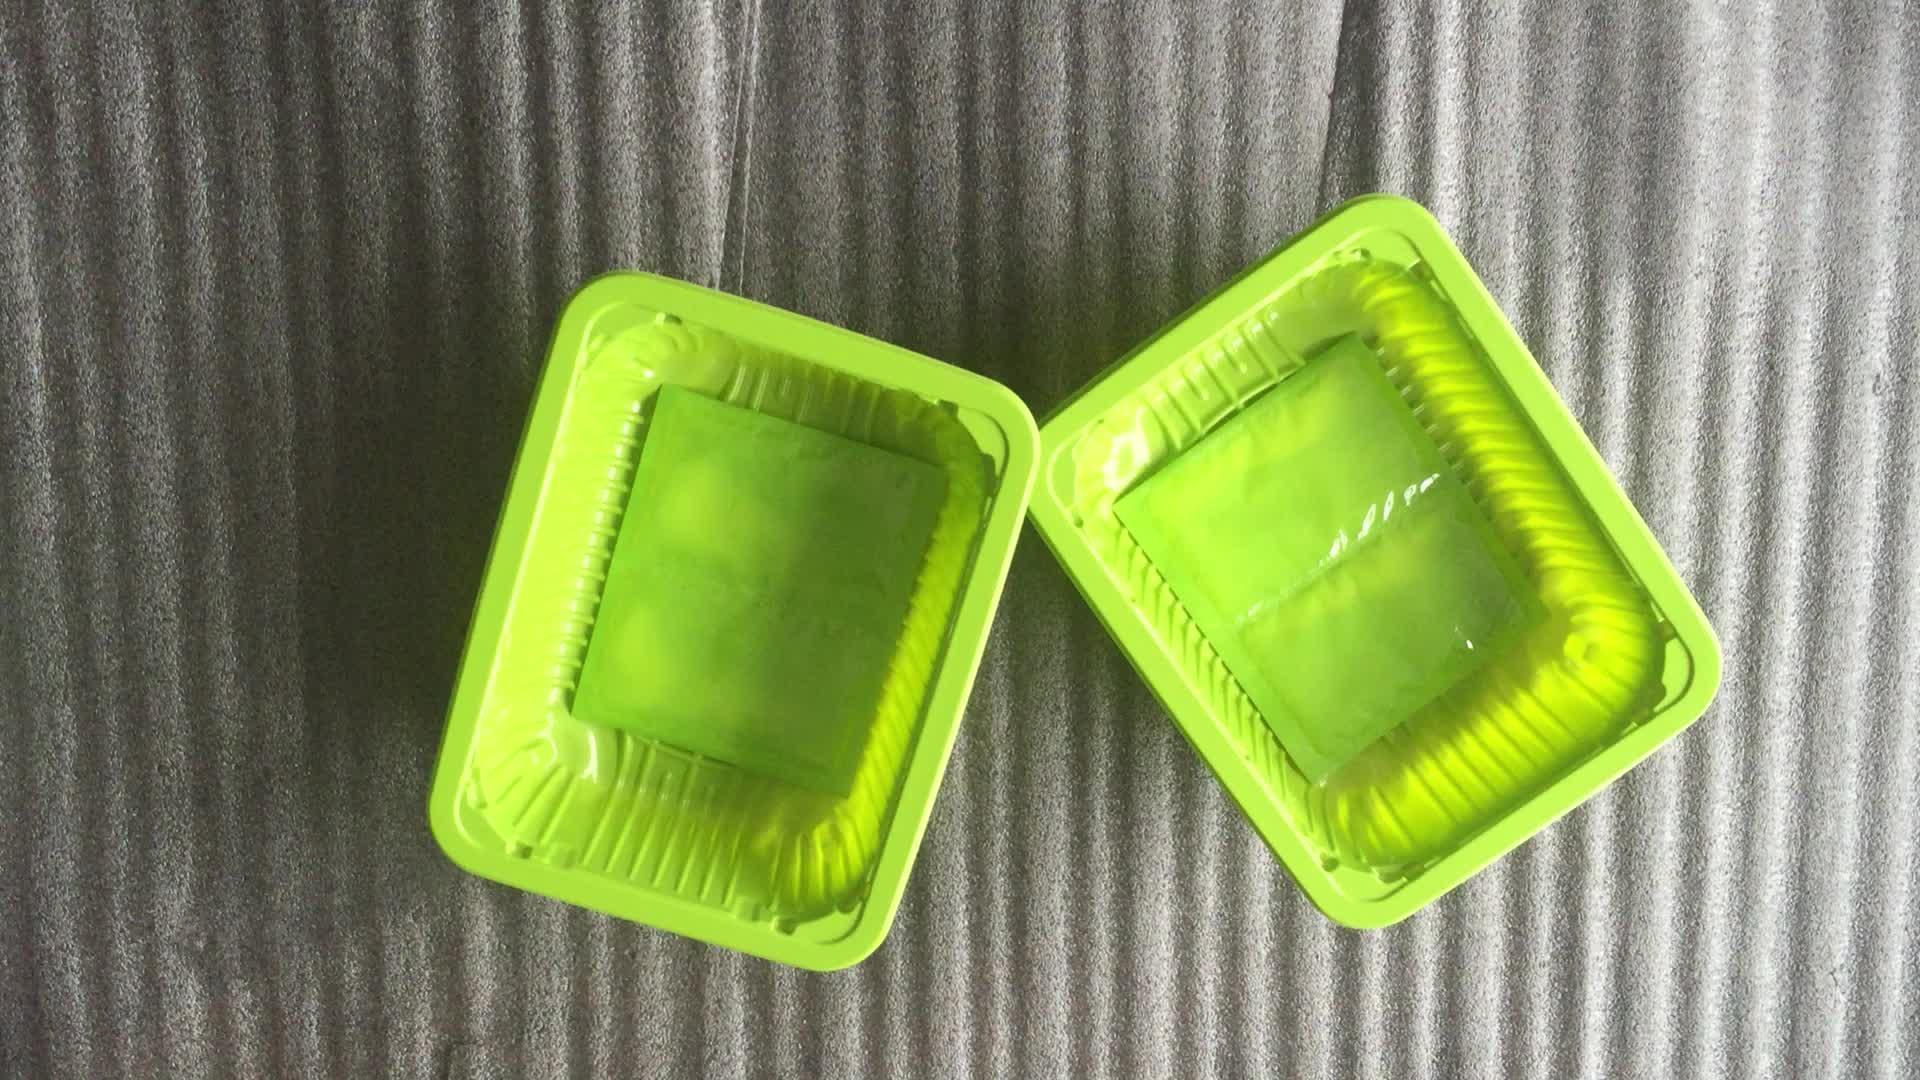 Internationale standaard supermarkt dispaly oem vis/schaal-en schelpdieren/vlees/fruit met absorberend wondkussen plastic bevroren voedsel lade verpakking